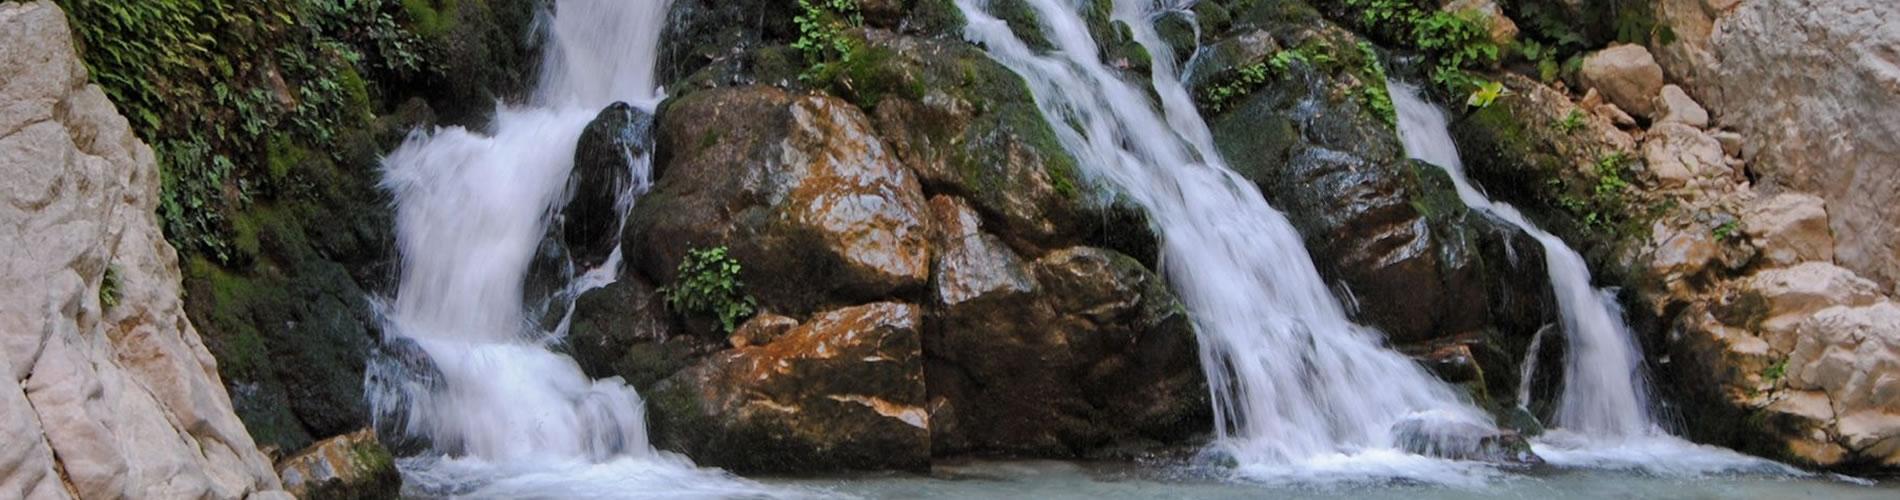 Information and photos about Saklikent Saklıkent Canyon